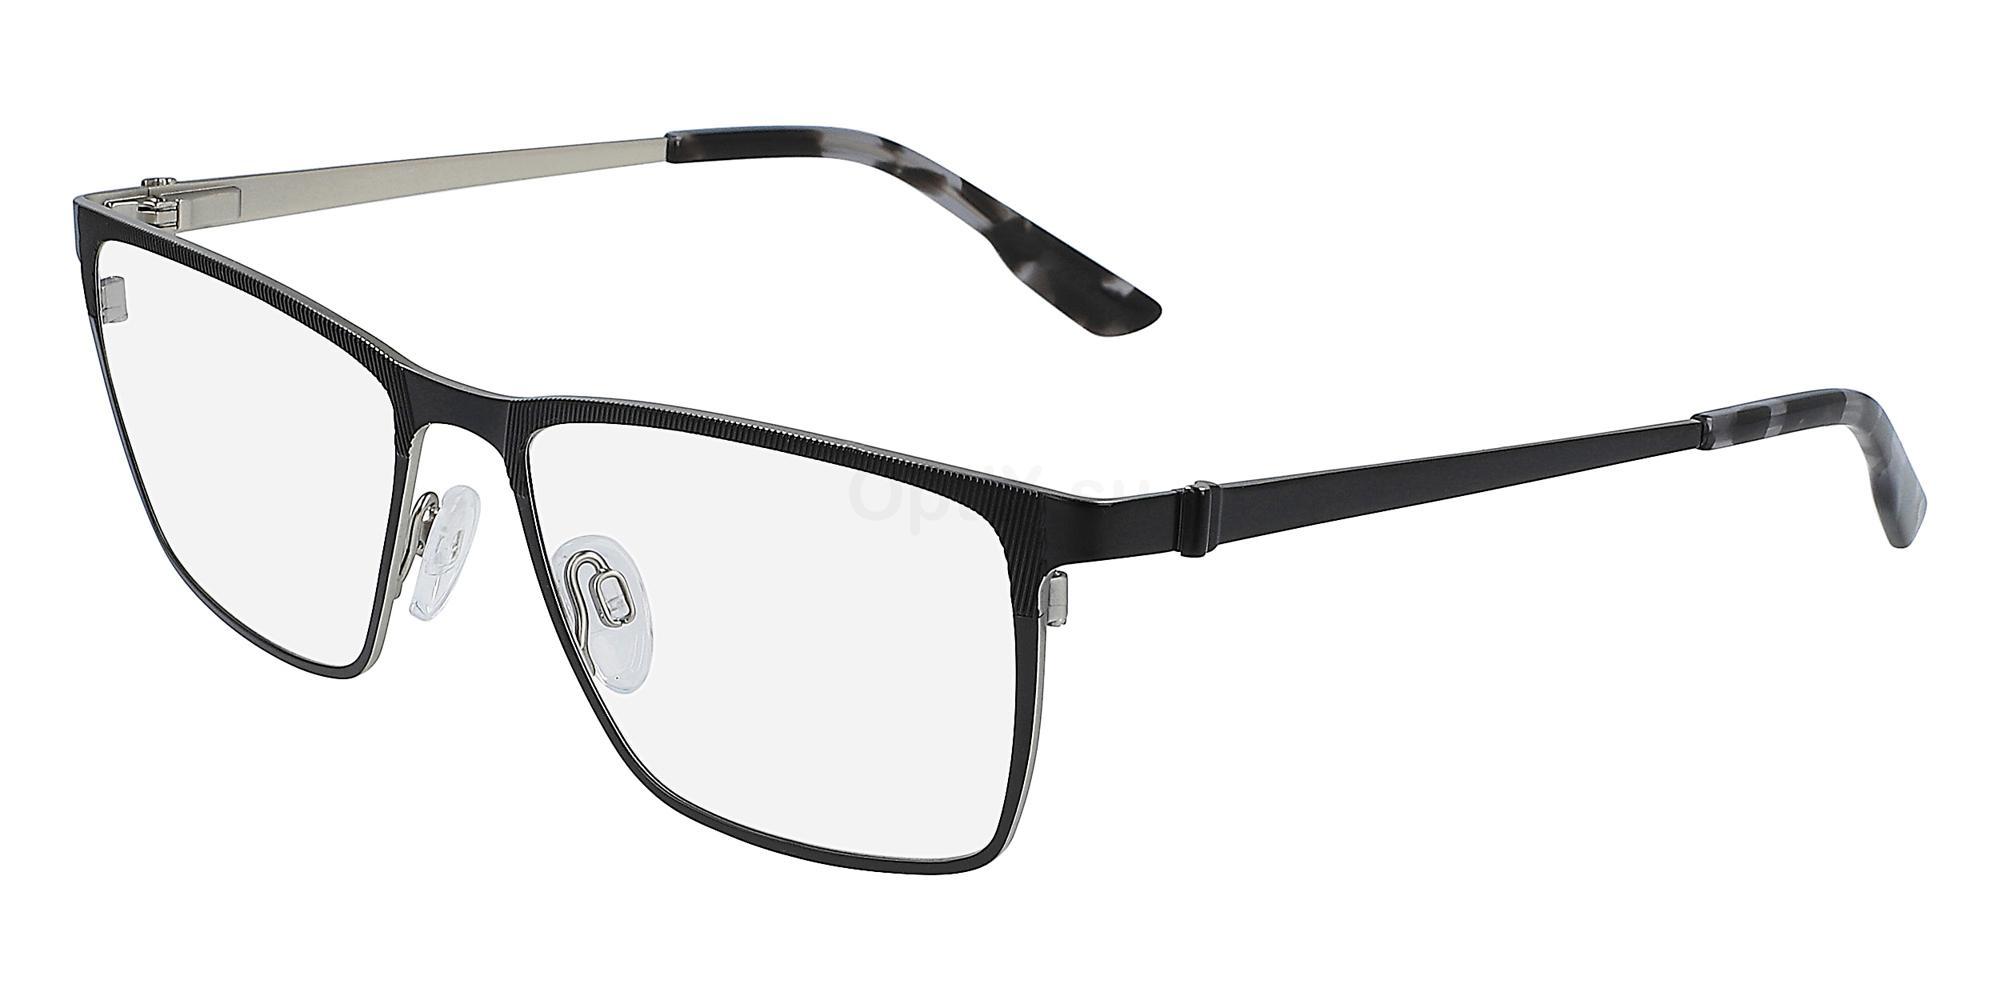 001 SK2106 STORRAMS Glasses, Skaga